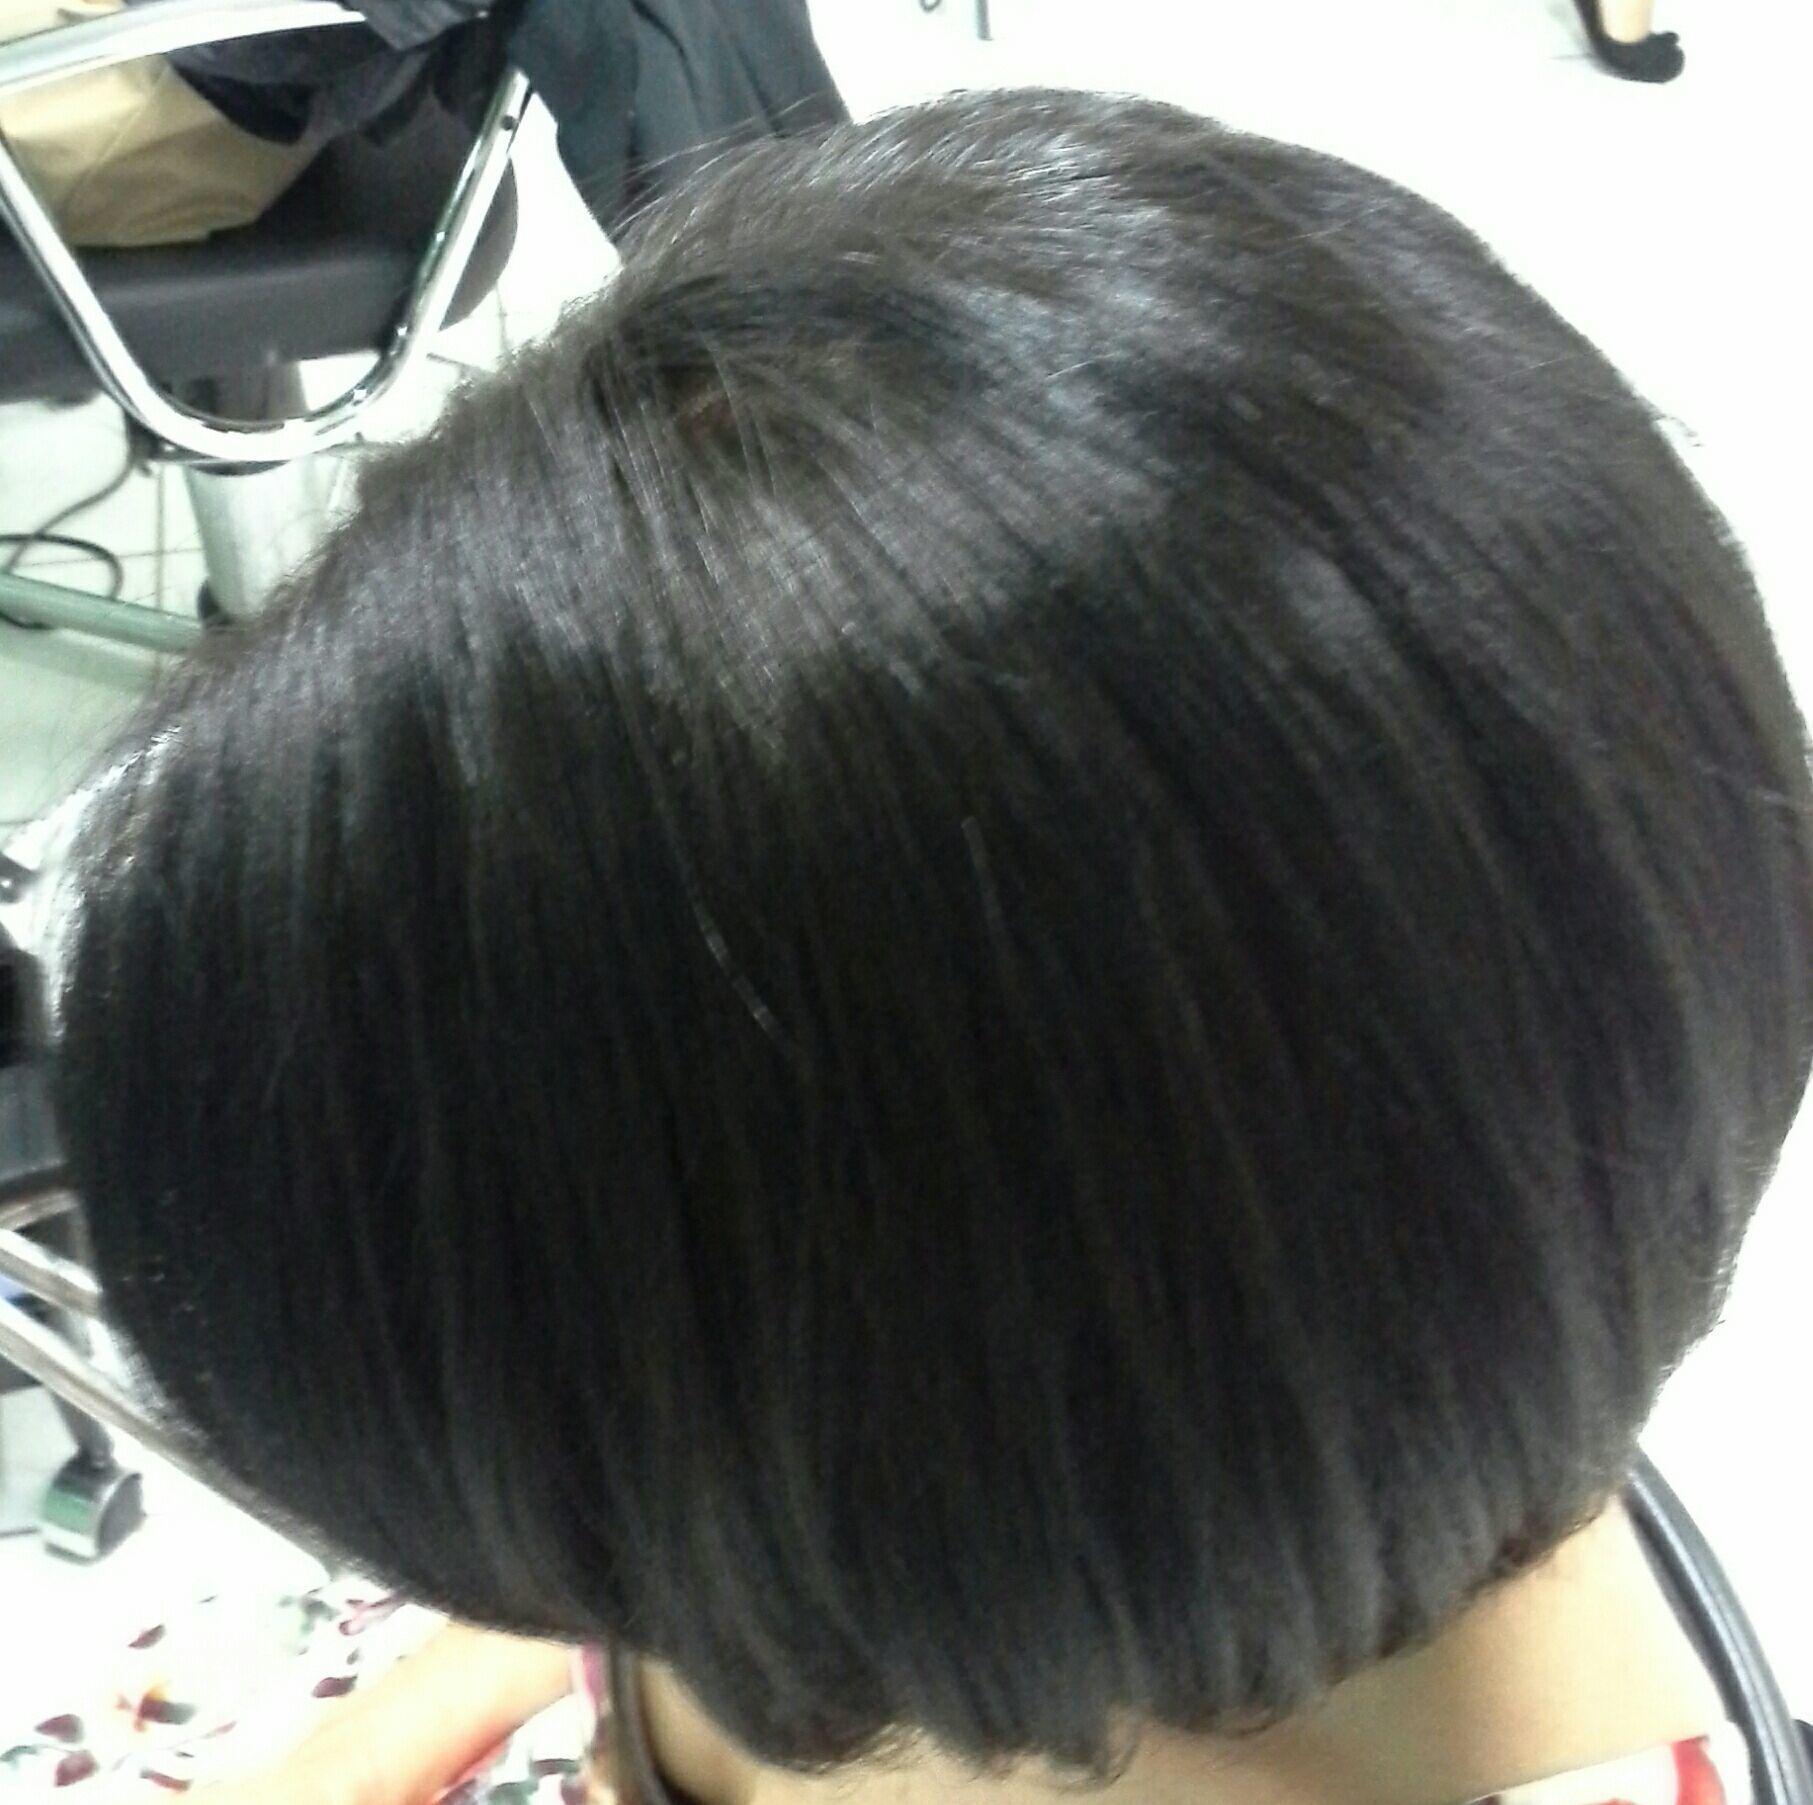 Corte chanel clássico  Veravisagista  São Paulo cabelo stylist / visagista cabeleireiro(a)